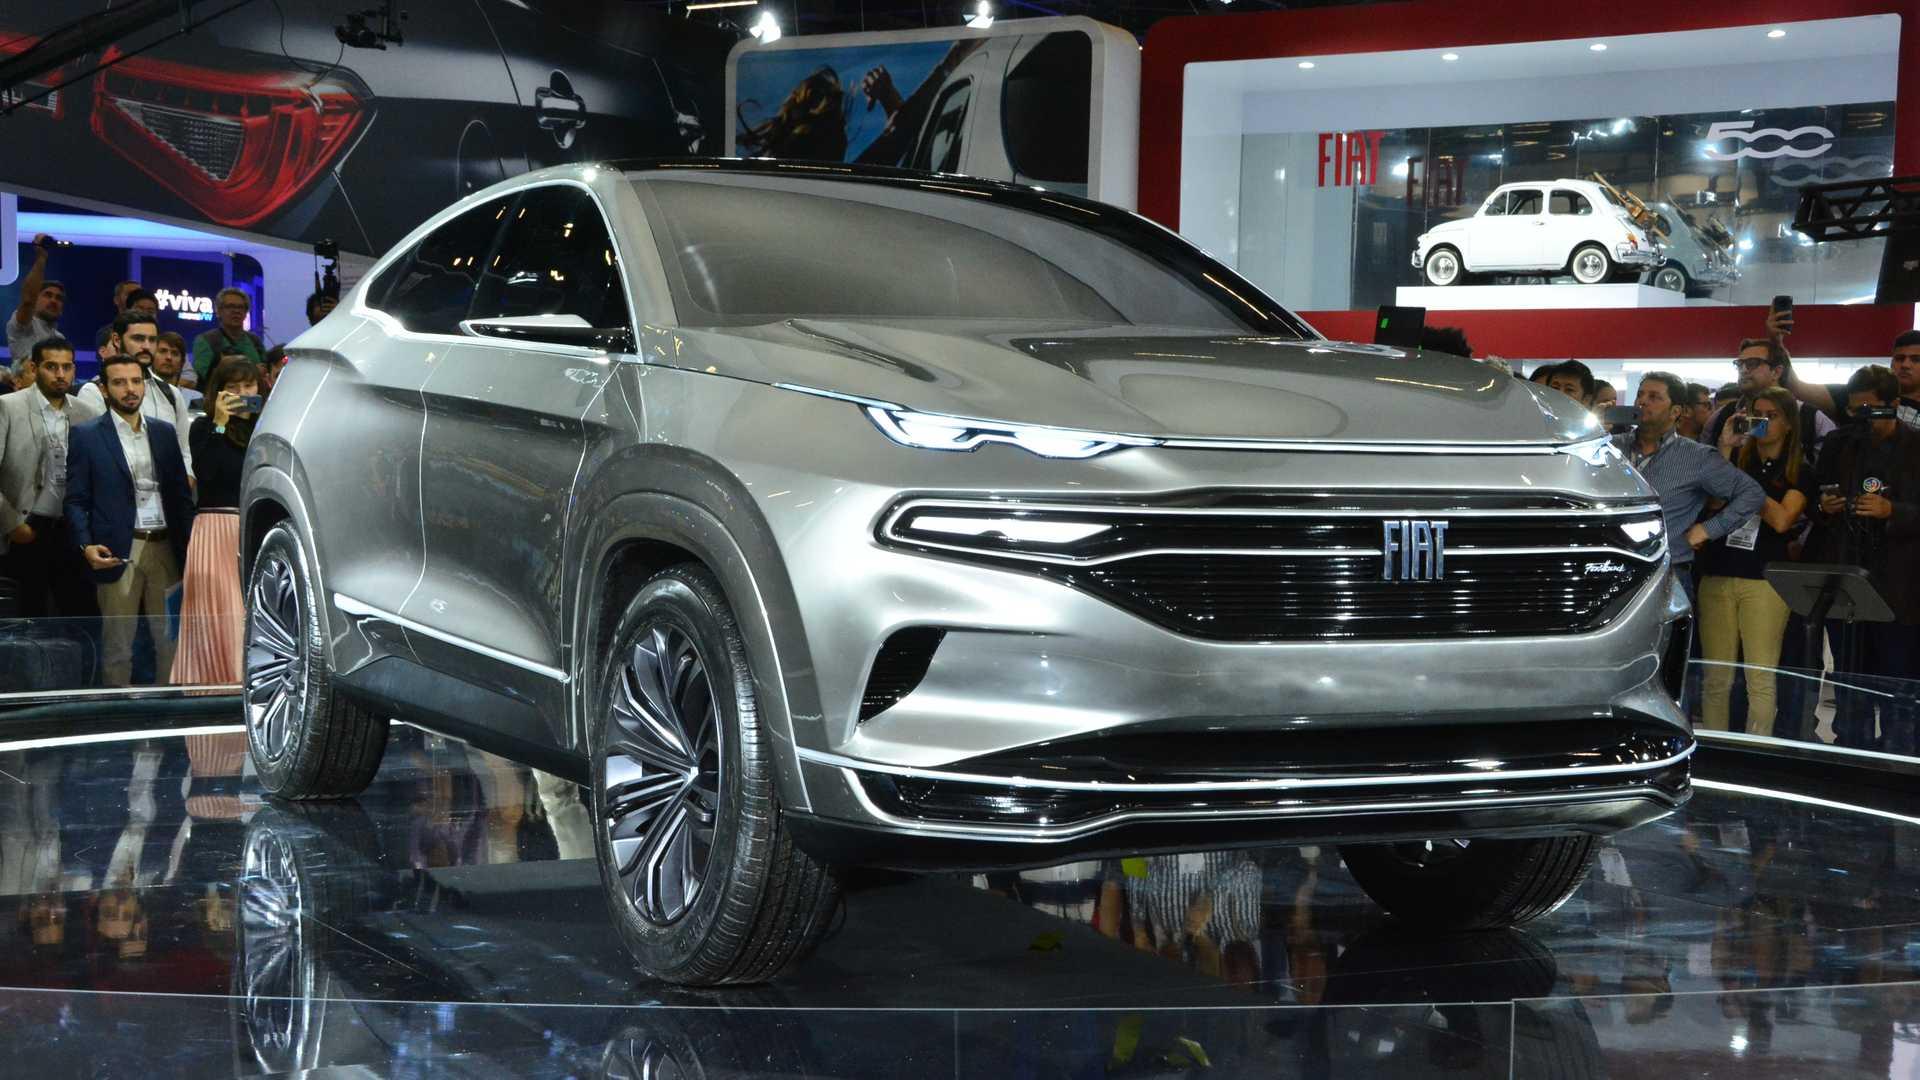 Fiat prepara due nuovi SUV per il 2021: il primo sarà basato su Argo e il secondo su Fastback - Motori e Auto - Investireoggi.it